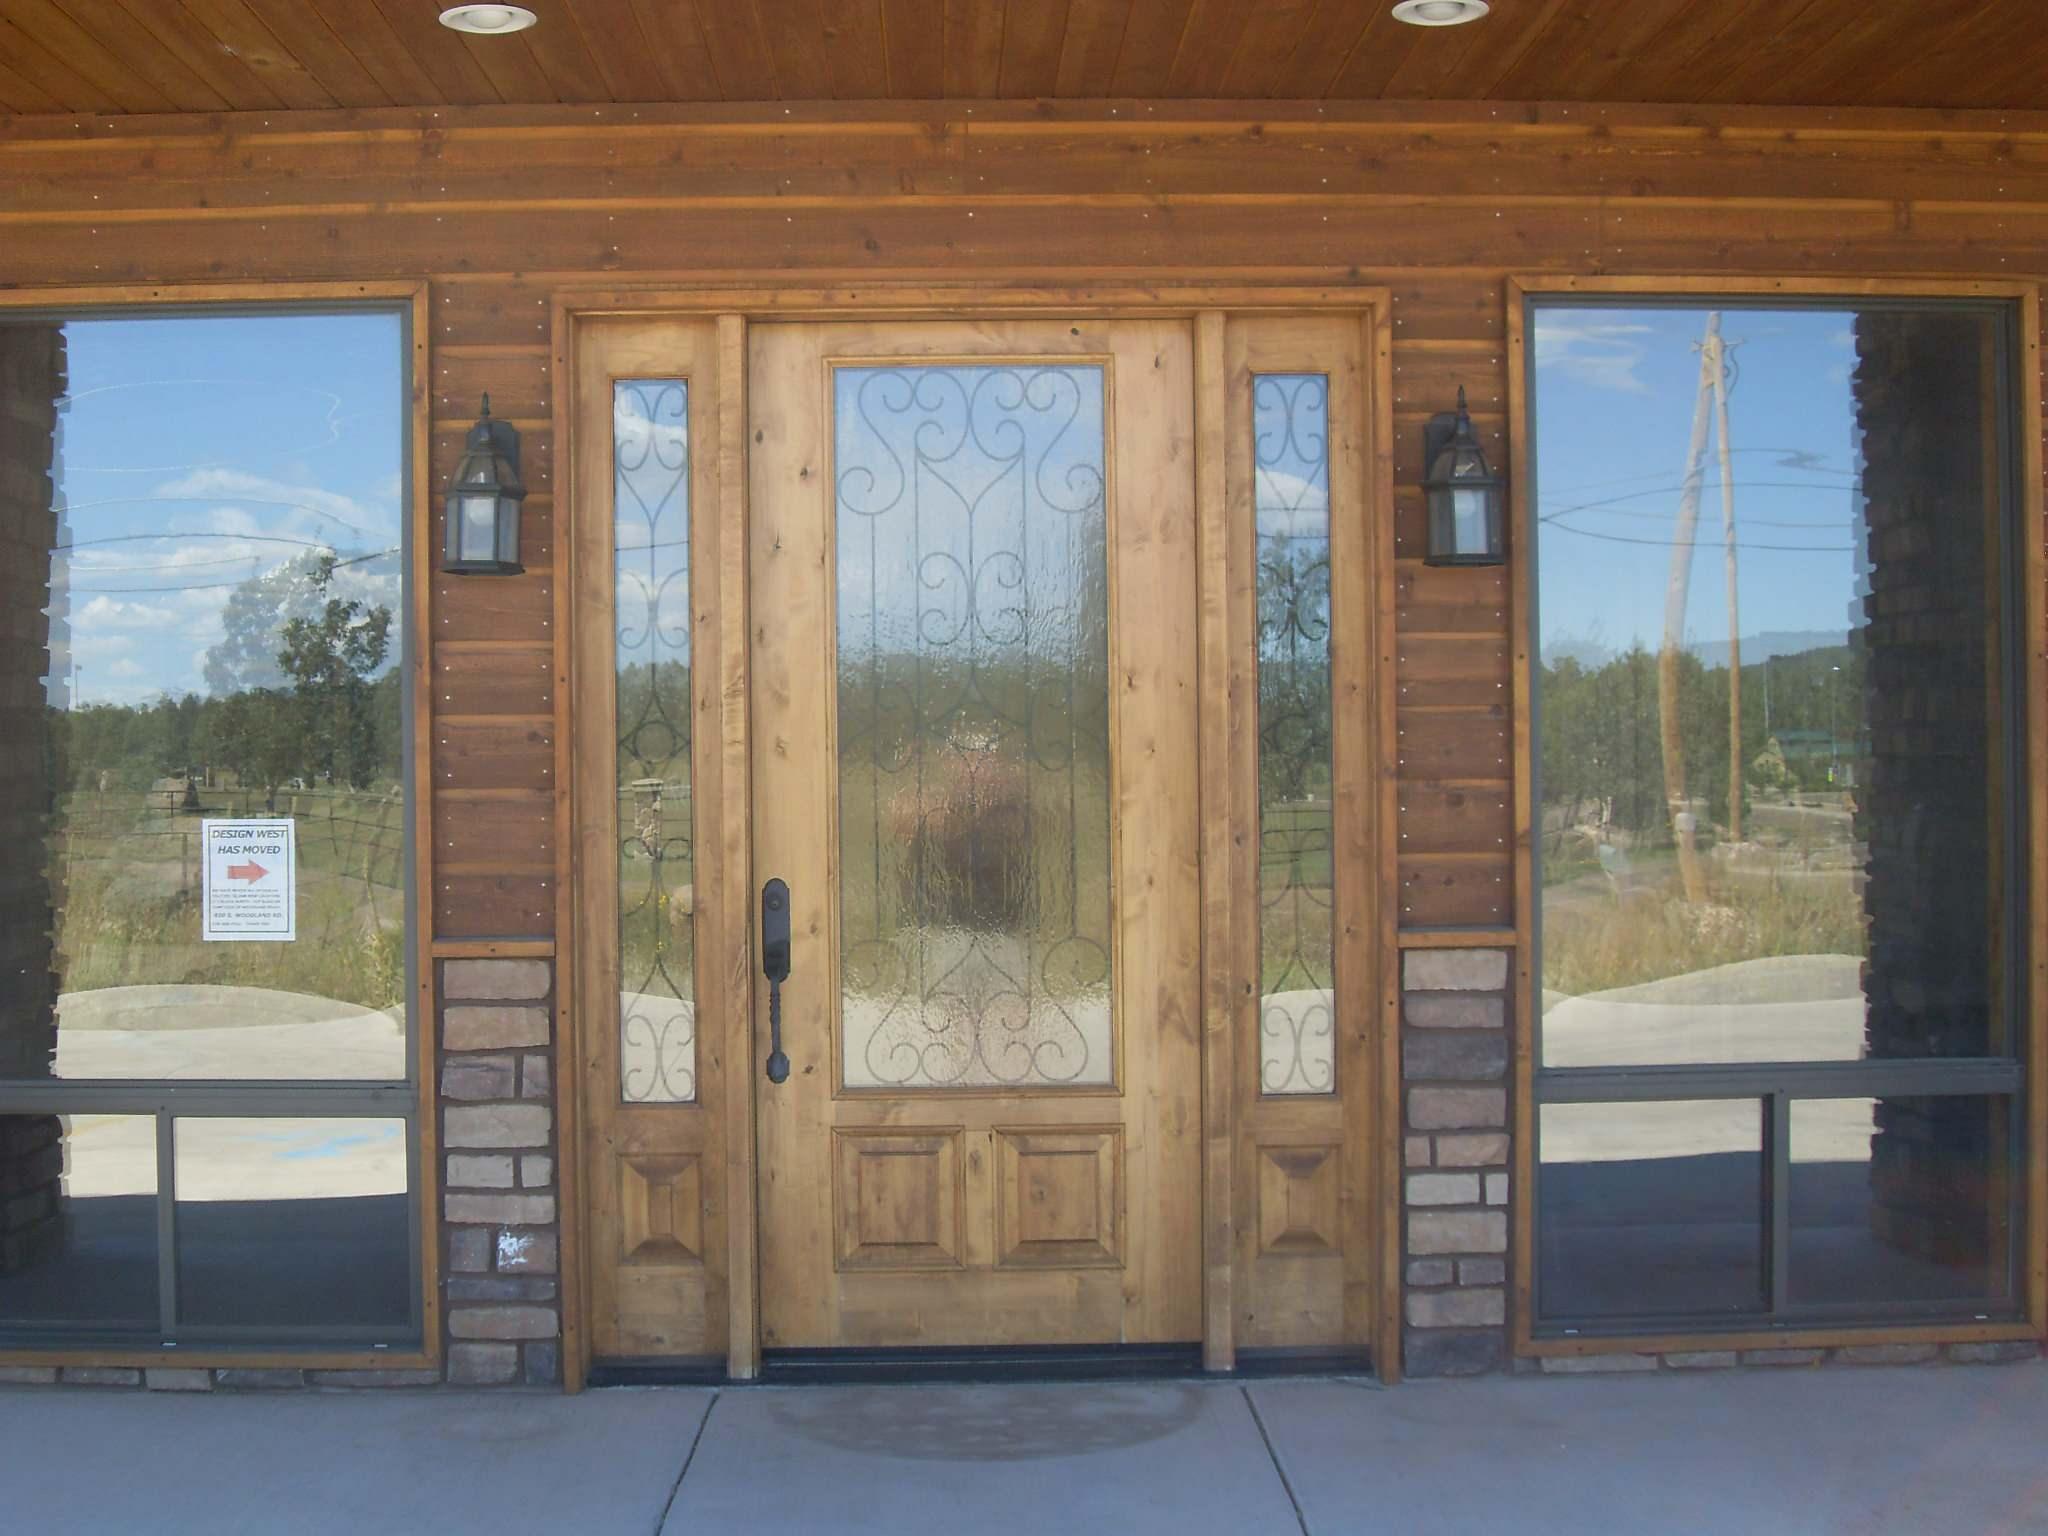 DESIGN WEST WINDOW AND DOOR